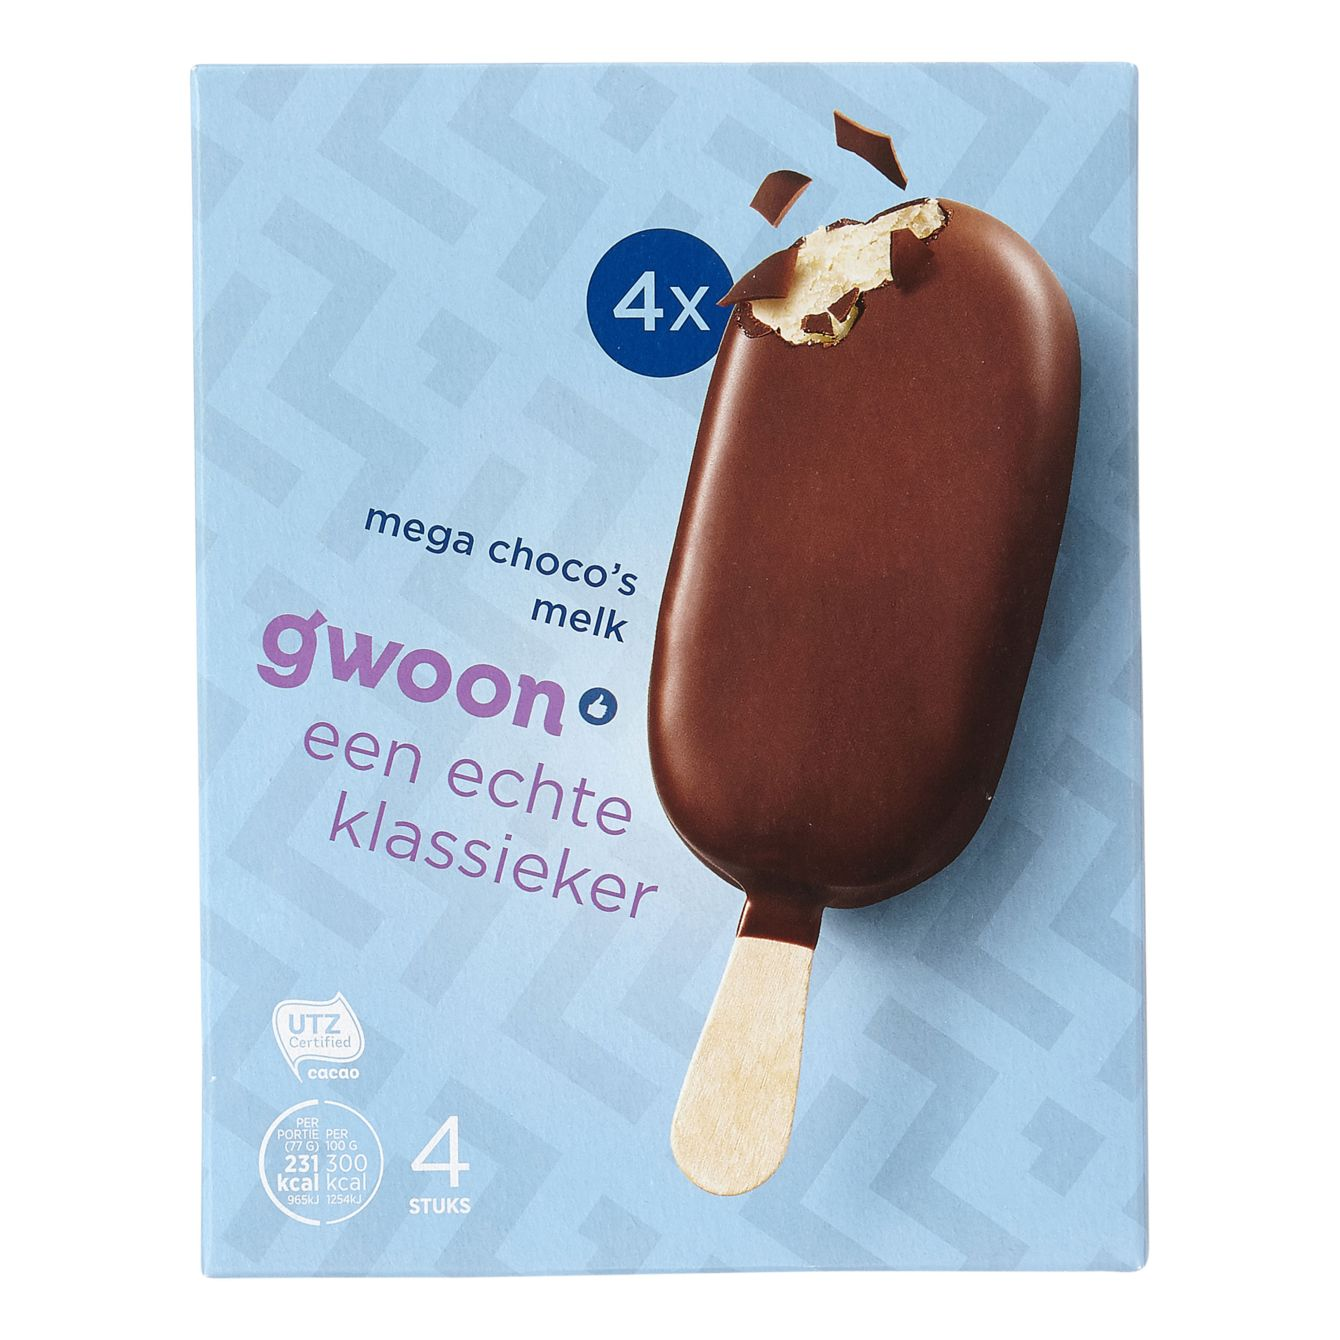 G'woon Ice Macs Classic